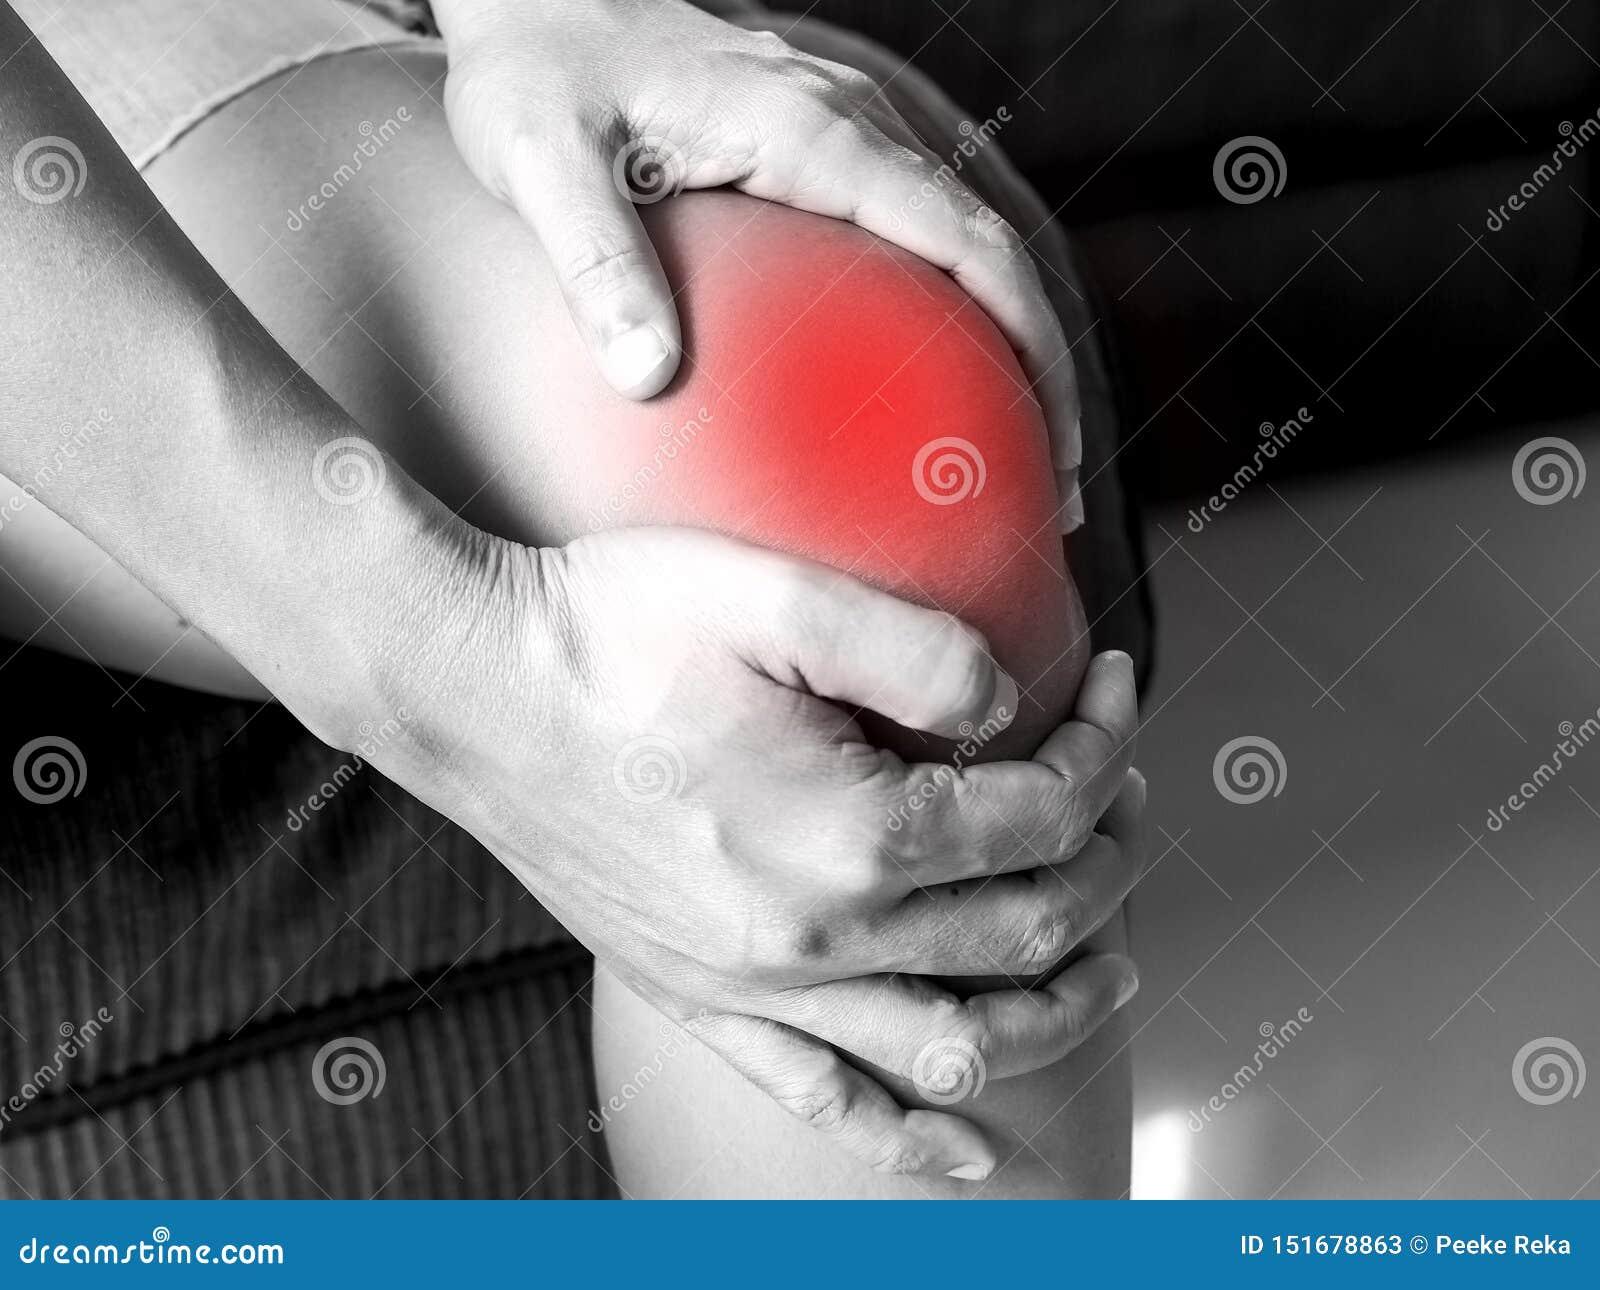 Azjatyccy ludzie kolano ból, ból od problemów zdrowotnych w ciele